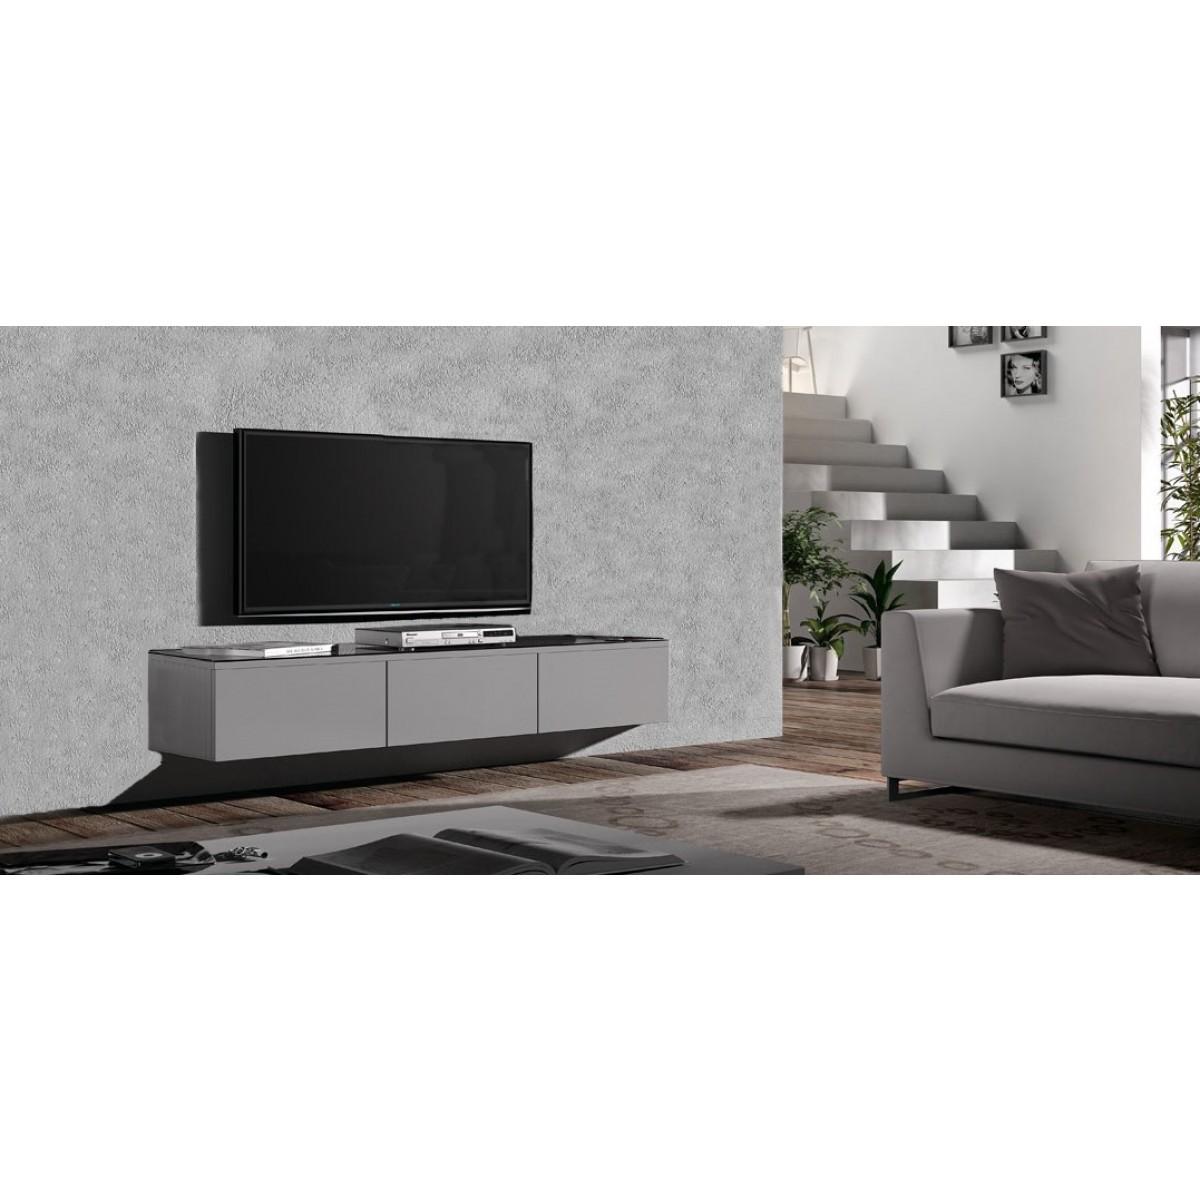 hangend-hang-tv-dressoir-meubel-kleur-basalt-laden-sfeer